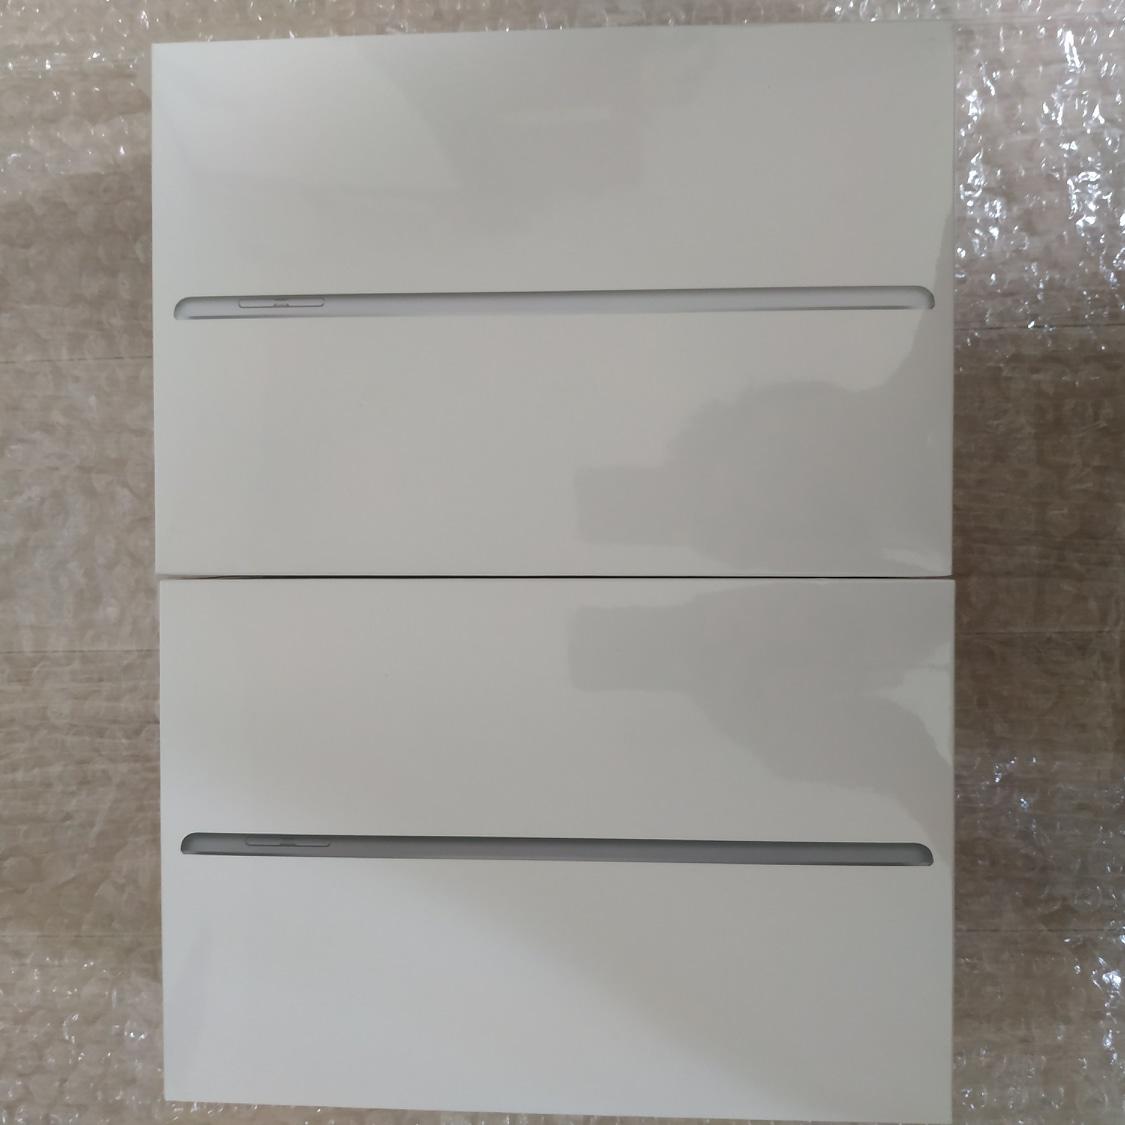 애플 아이패드 미니5 64gb 와이파이 스페이스그레이, 실버